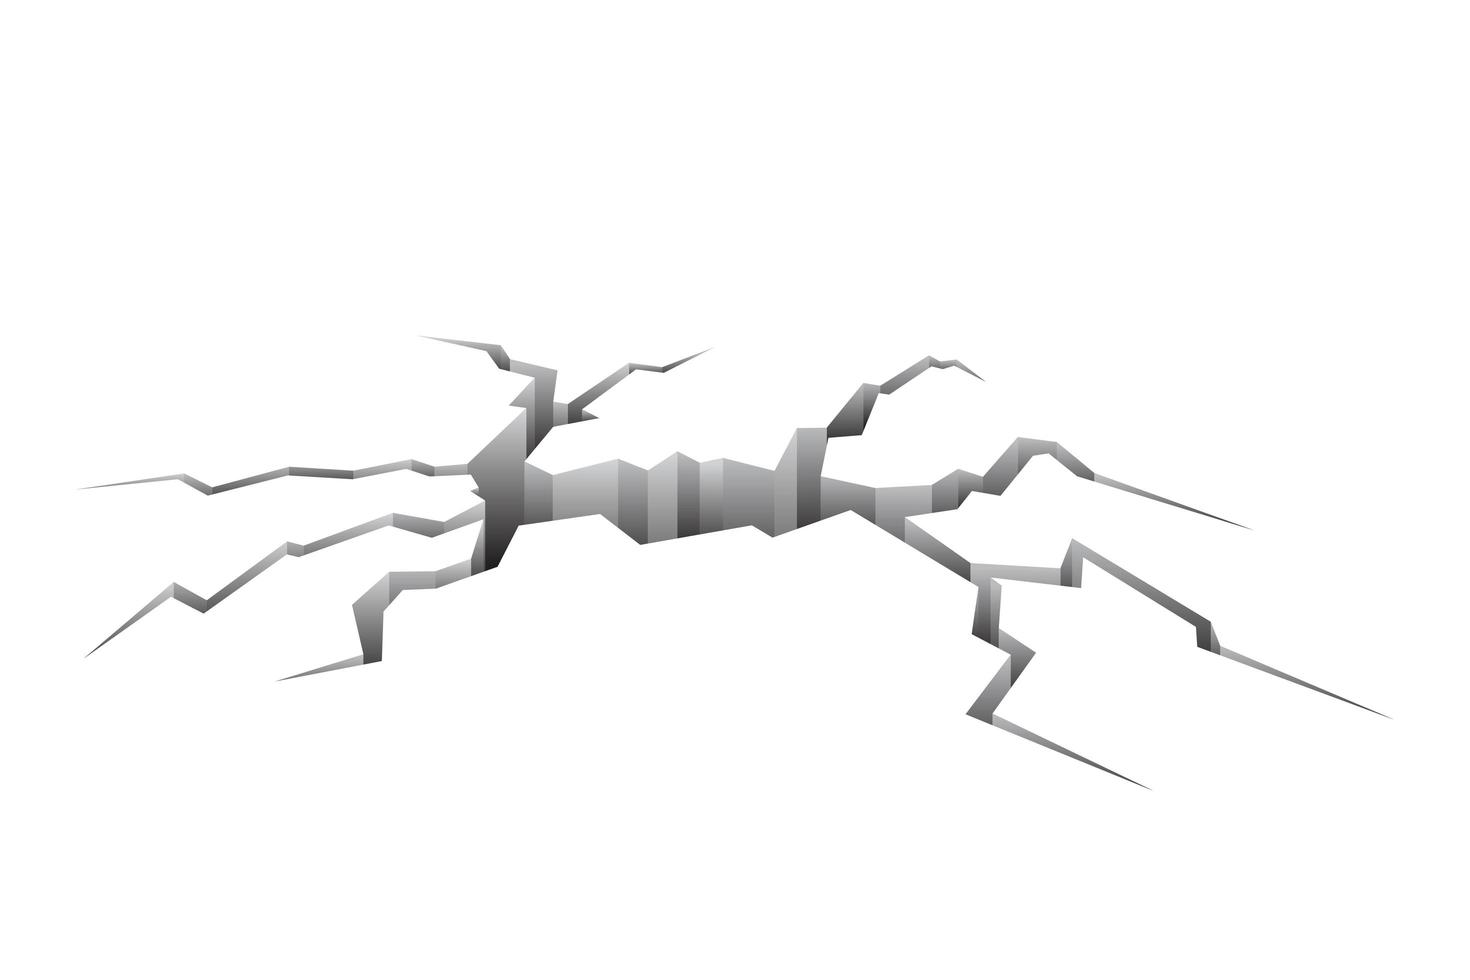 isolerad spricka i marken vektor